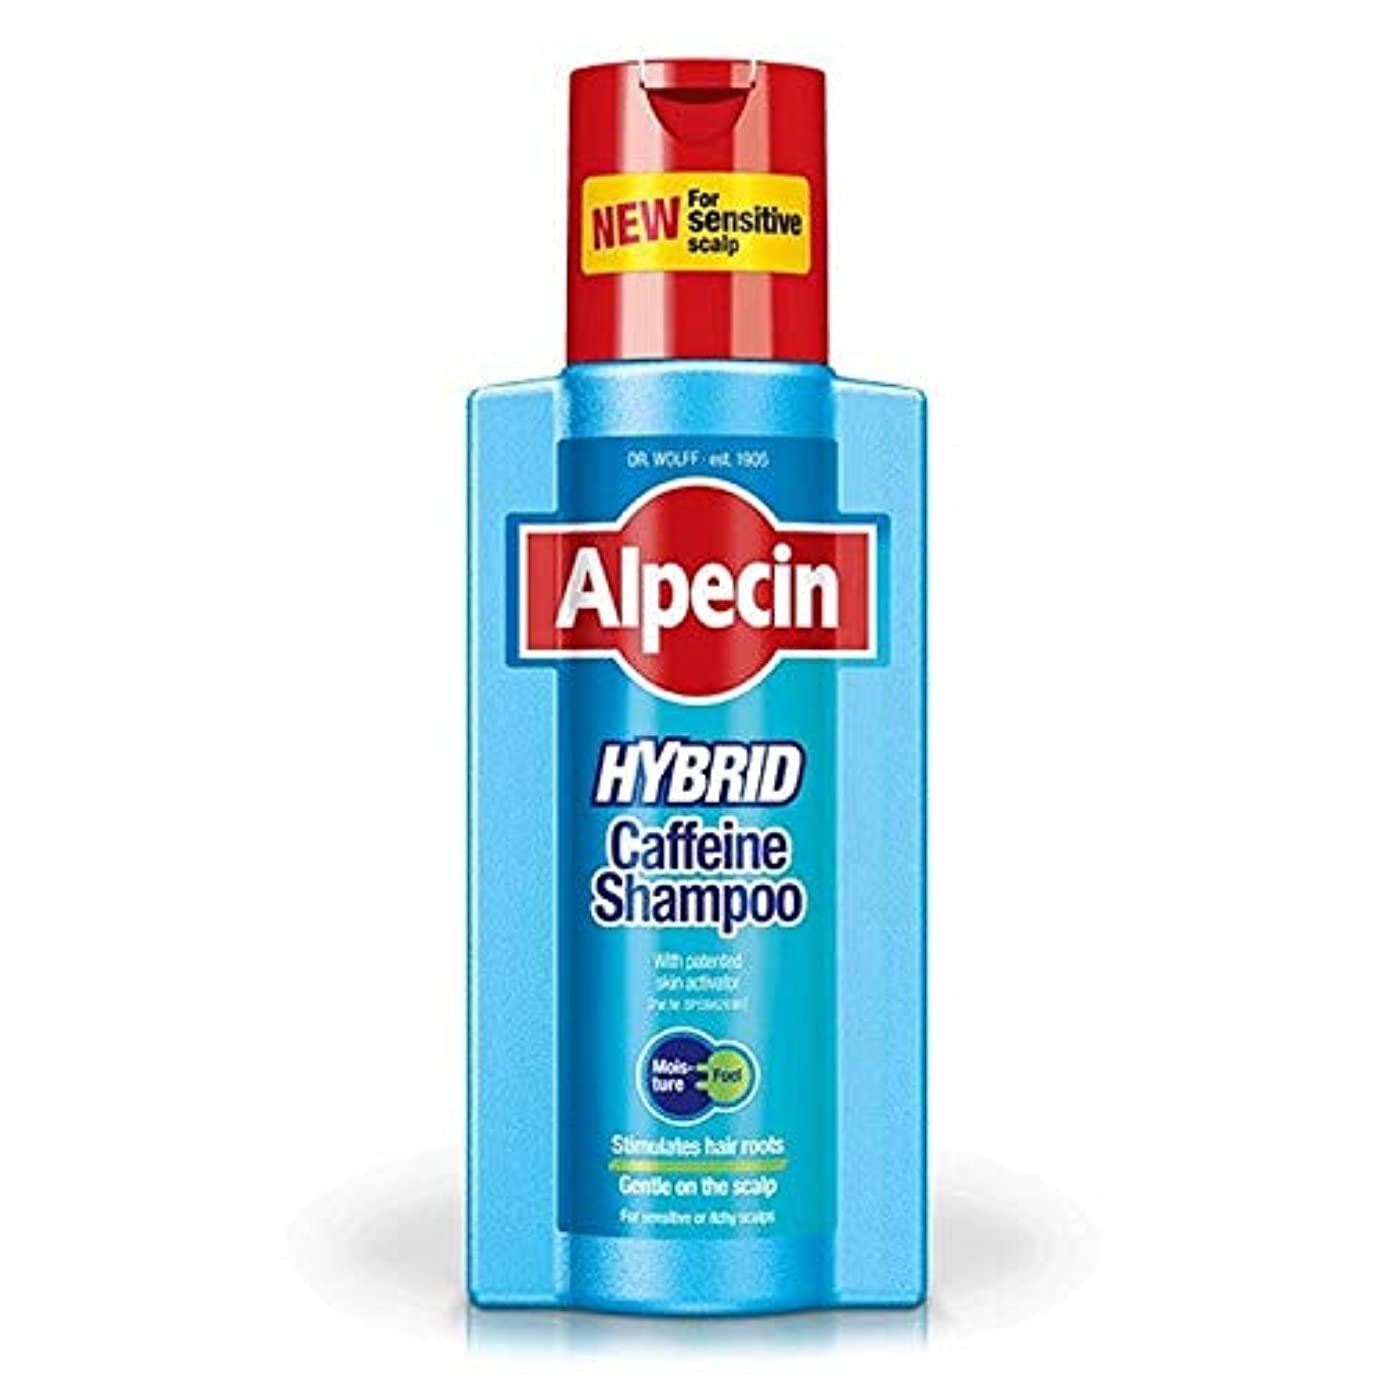 詳細な再現する鷲[Alpecin] ハイブリッドシャンプー375ミリリットルAlpecin - Alpecin Hybrid Shampoo 375ml [並行輸入品]